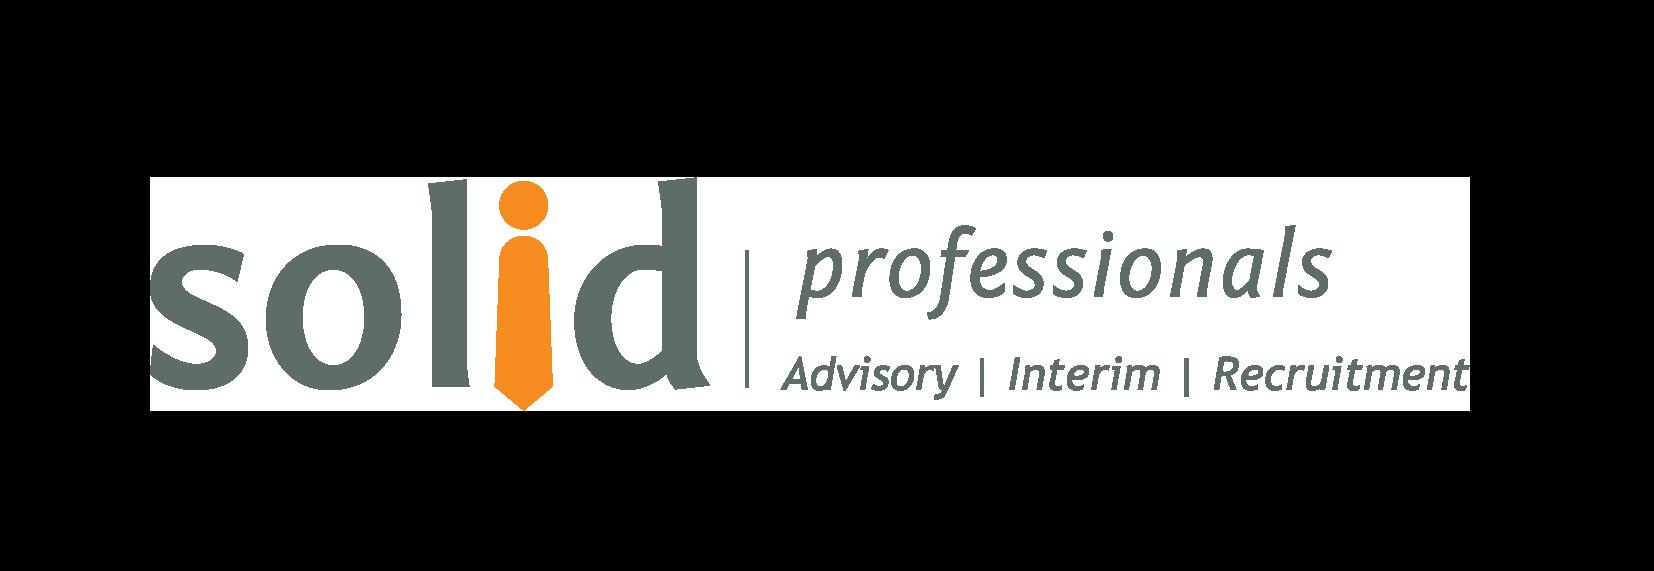 Solid Professionals logo